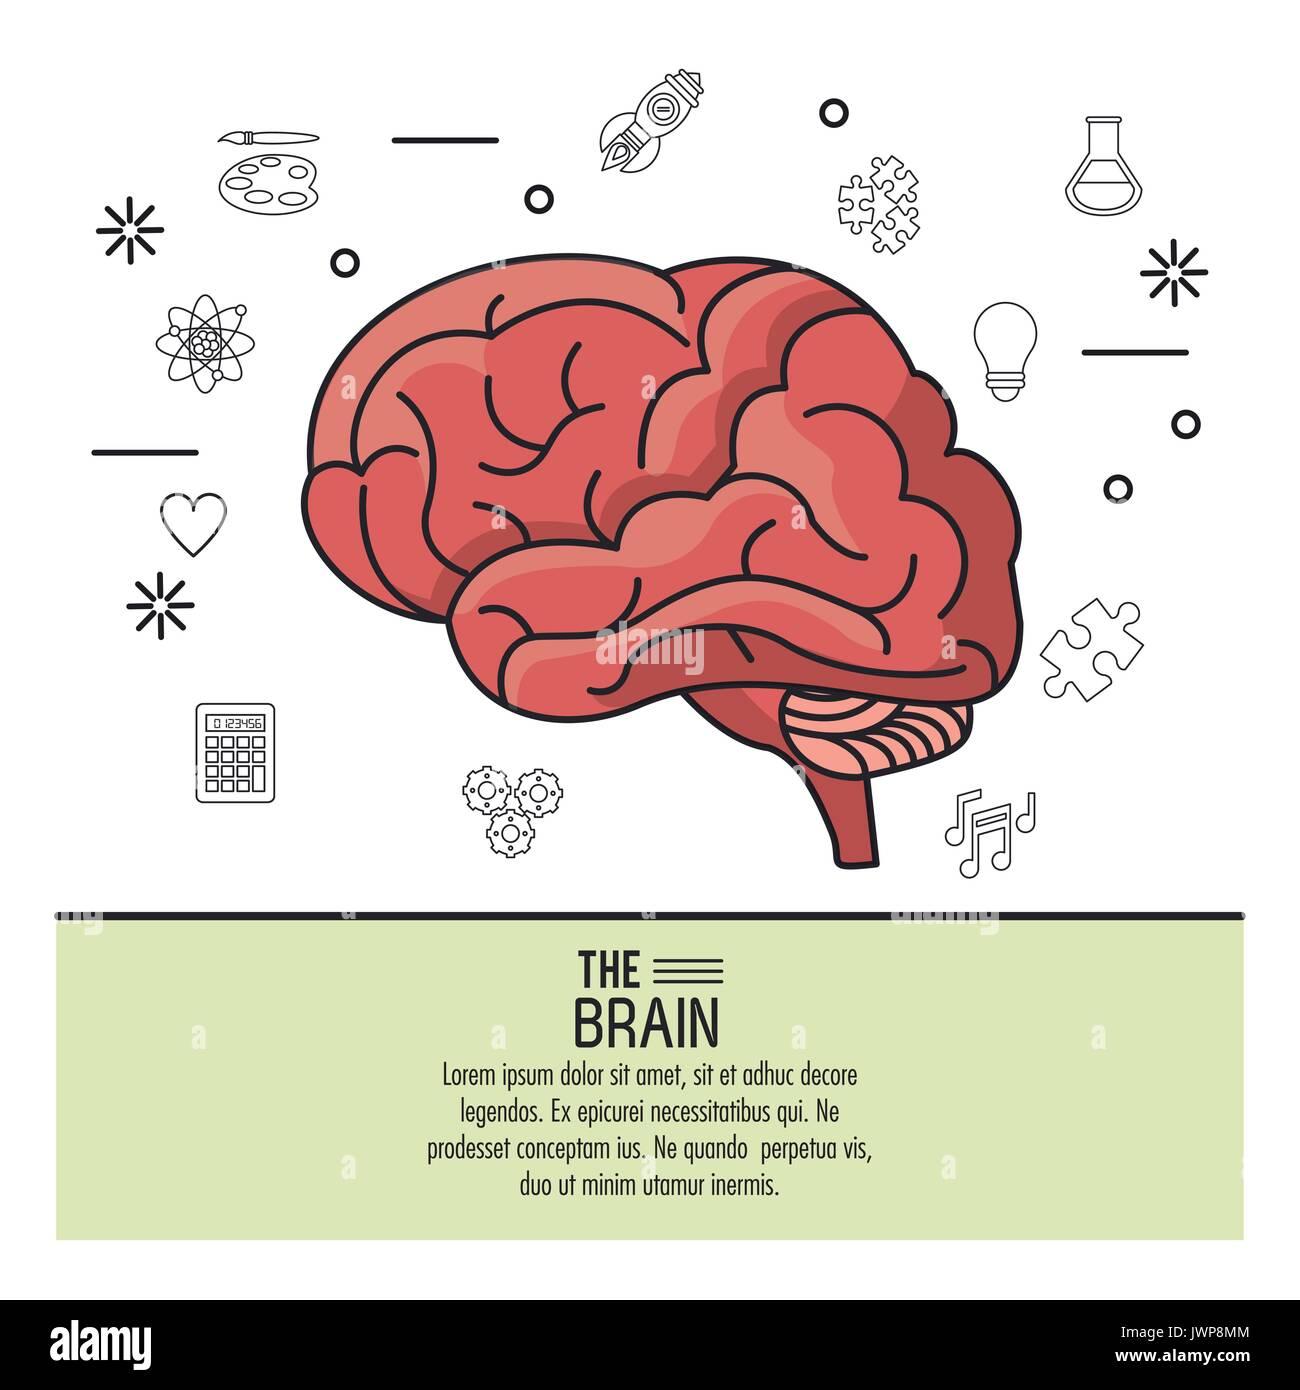 Human Brain And Medical Logo Stock Photos & Human Brain And Medical ...